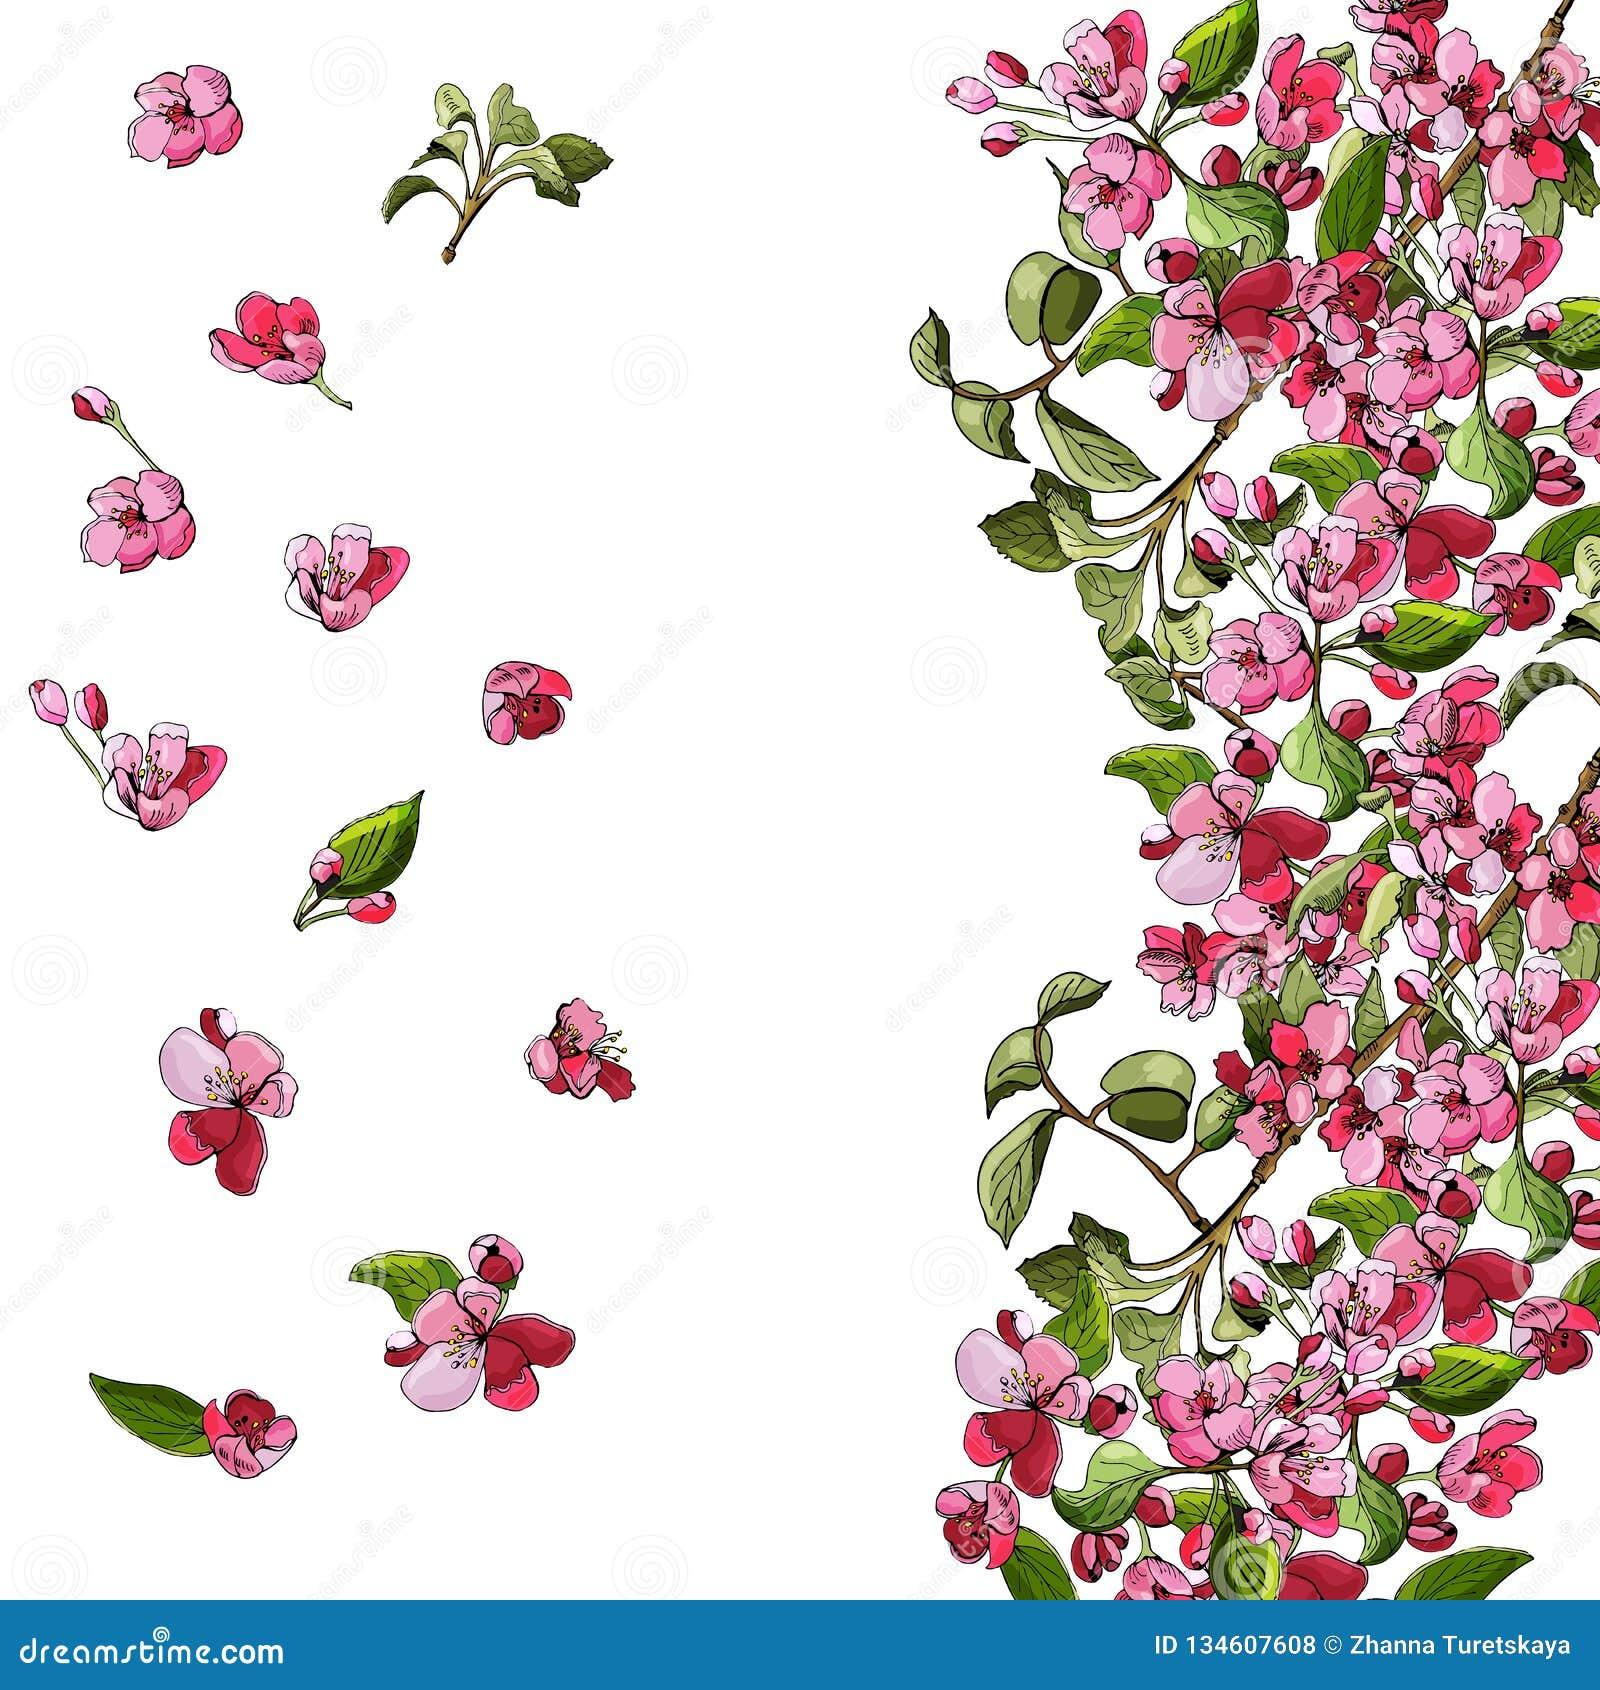 Malplaatje of achtergrond van tot bloei komende roze tak van appelboom en bloemen Hand getrokken gekleurde schets van malusbloeme